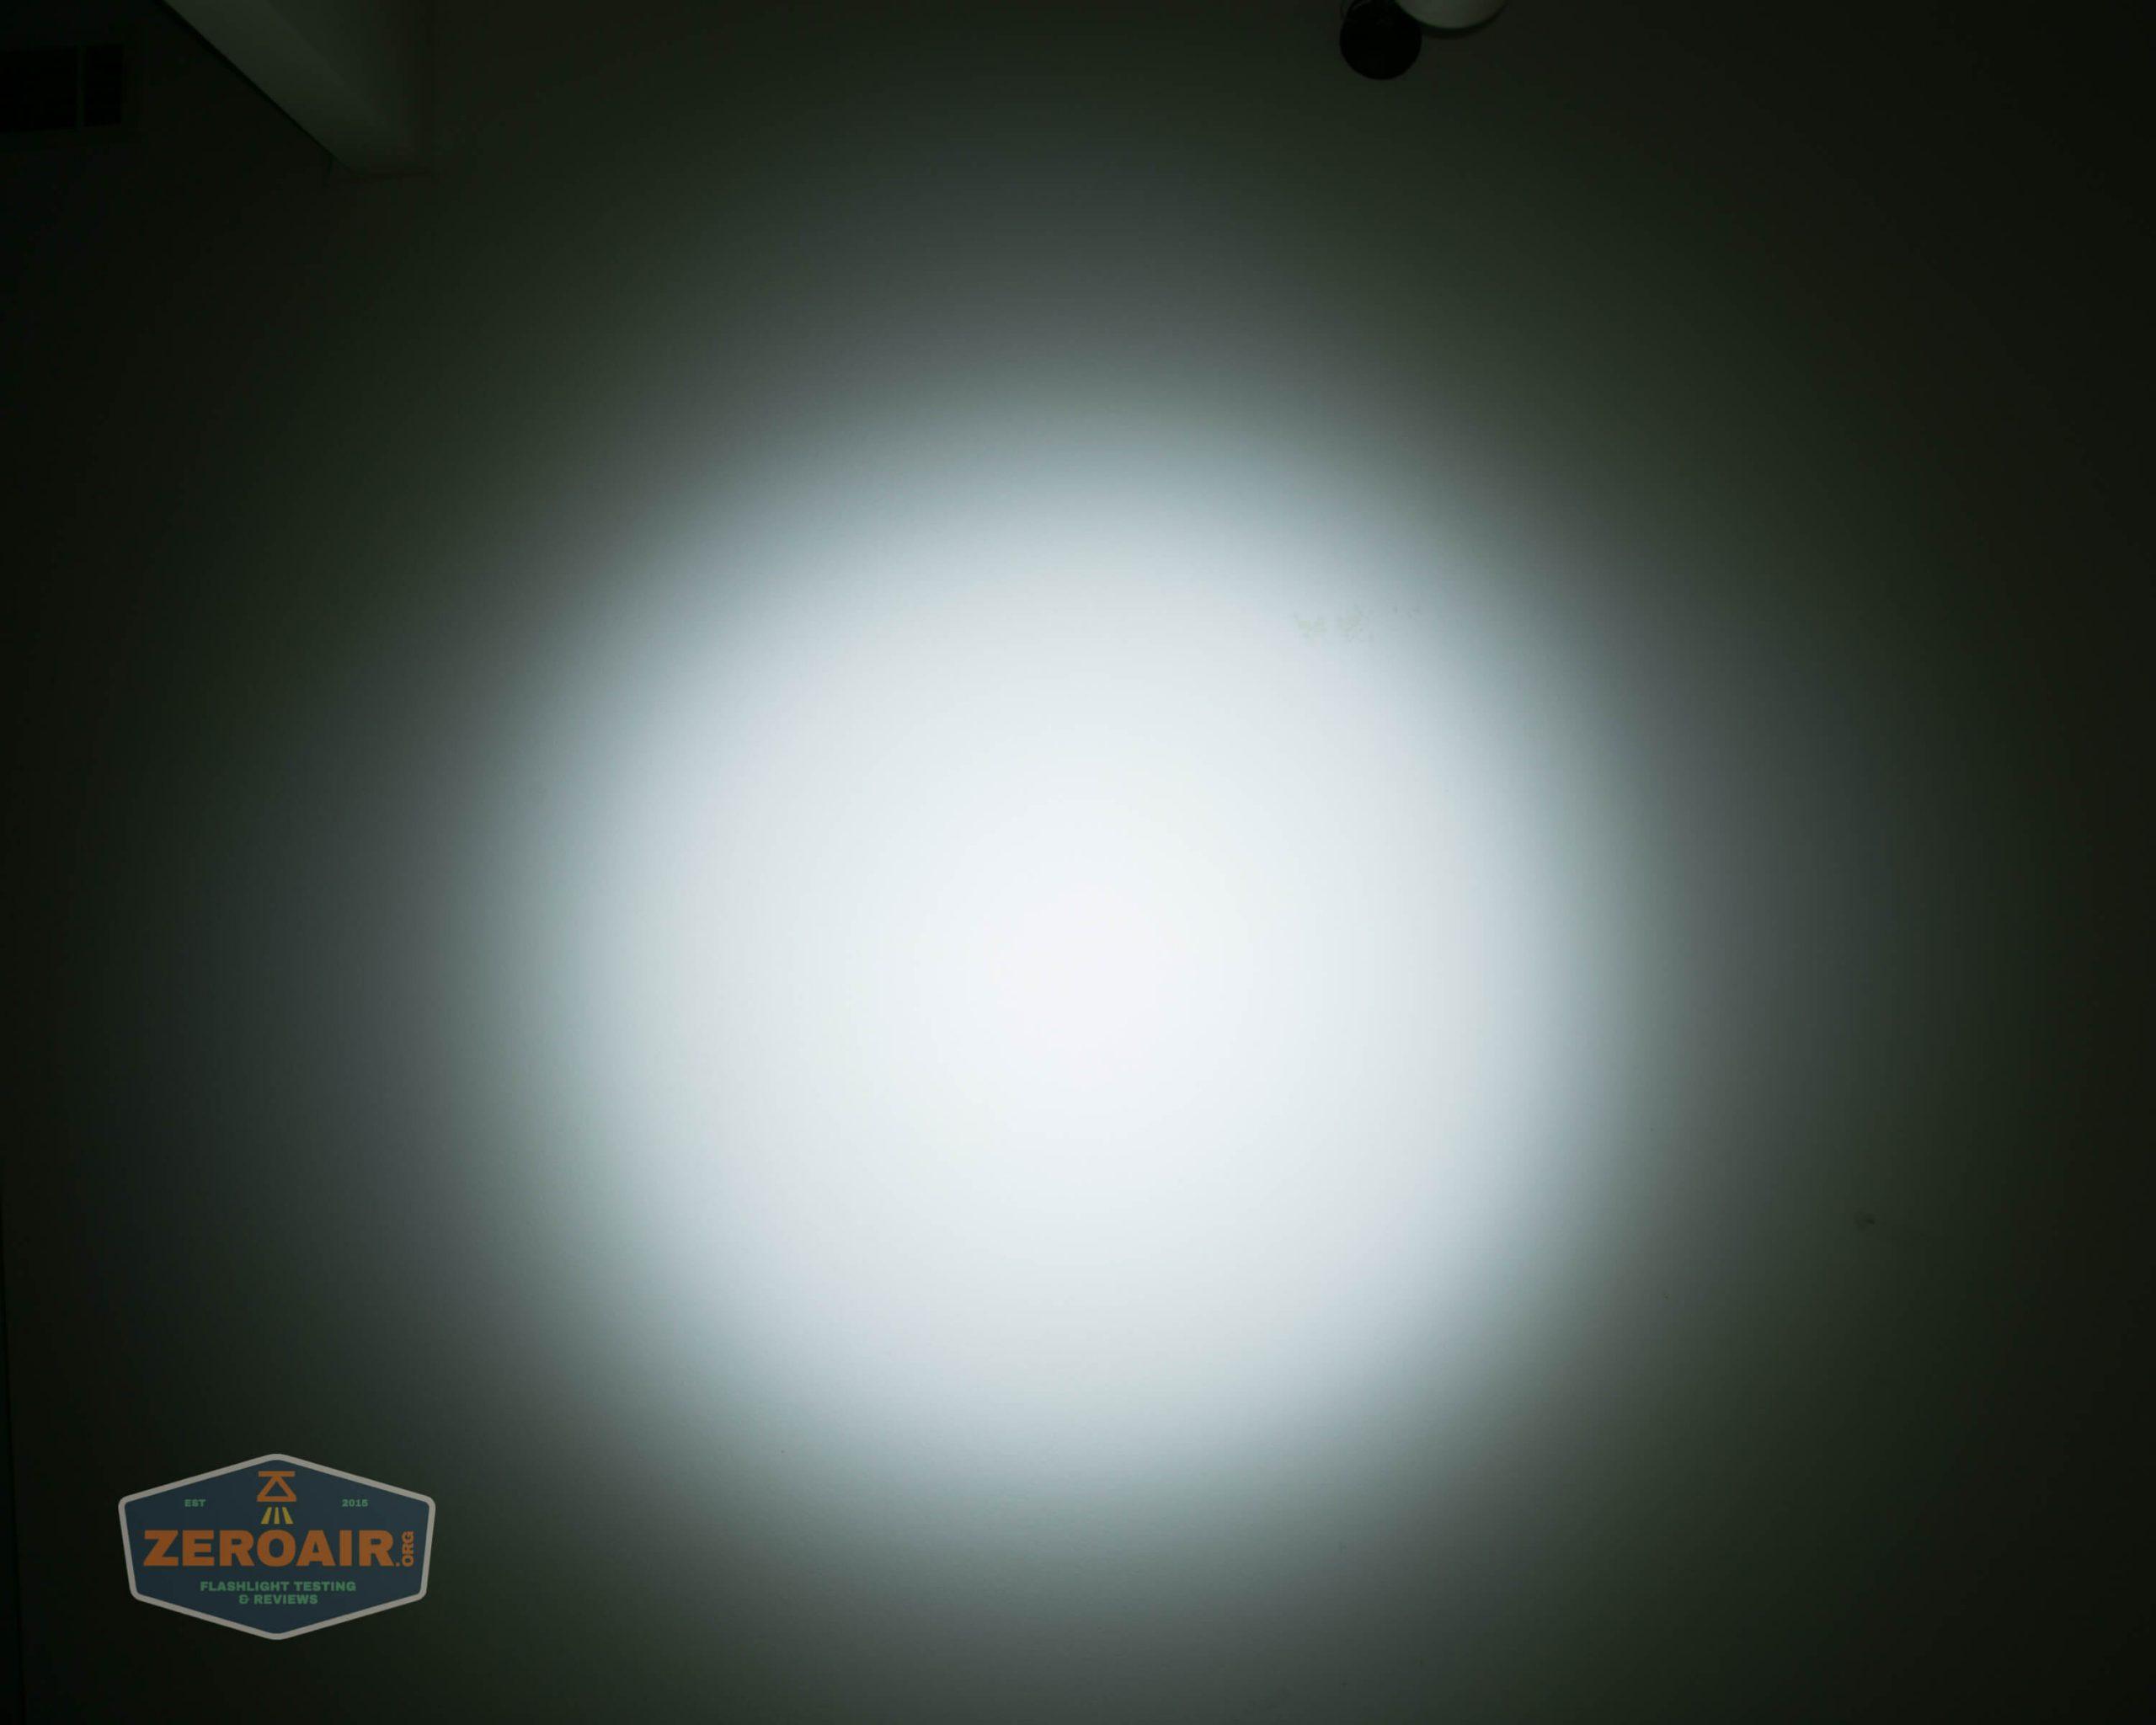 countycomm reylight 21700 quad emitter flashlight beamshot ceiling 3